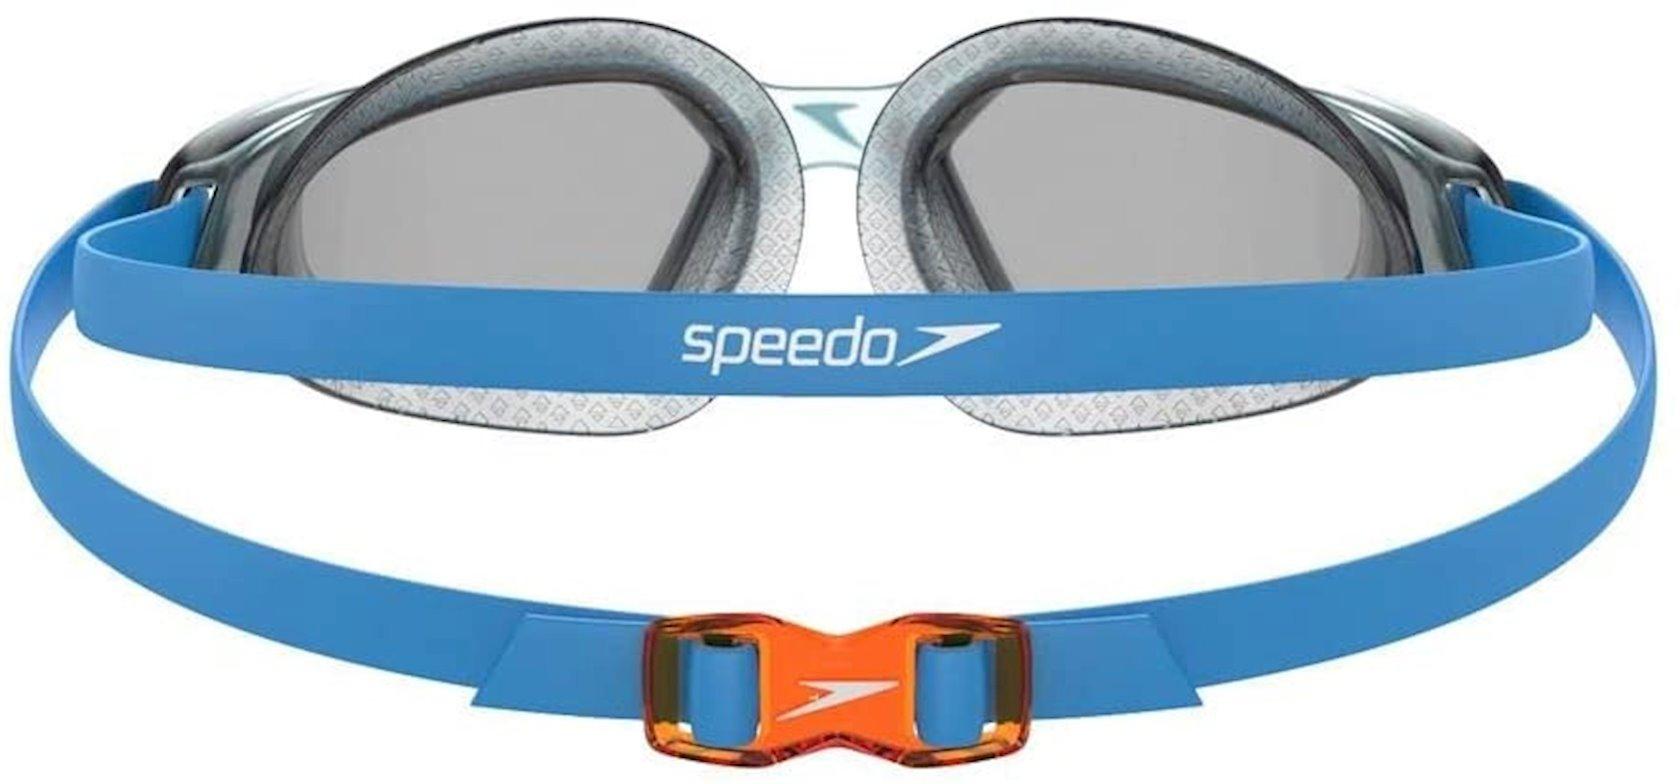 Üzgüçülük üçün eynək Speedo Hydropulse Junior Swimming Goggles, uşaqlar üçün, göy